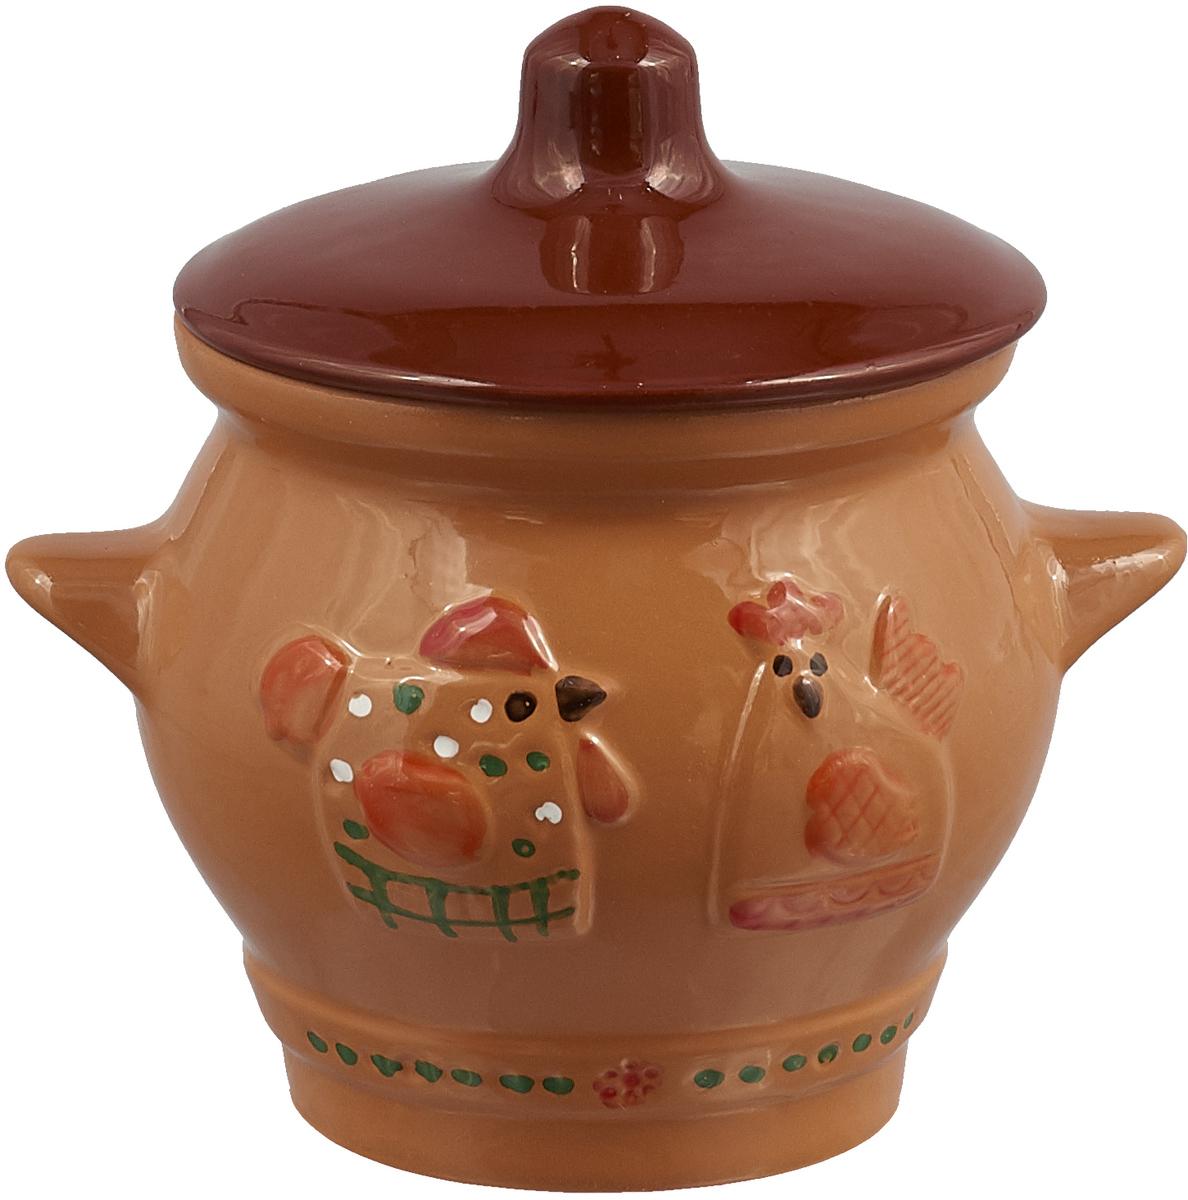 Горшочек для запекания Борисовская керамика Кукареку, 550 мл горшочек для запекания борисовская керамика мечта хозяйки цвет зеленый розовый 350 мл